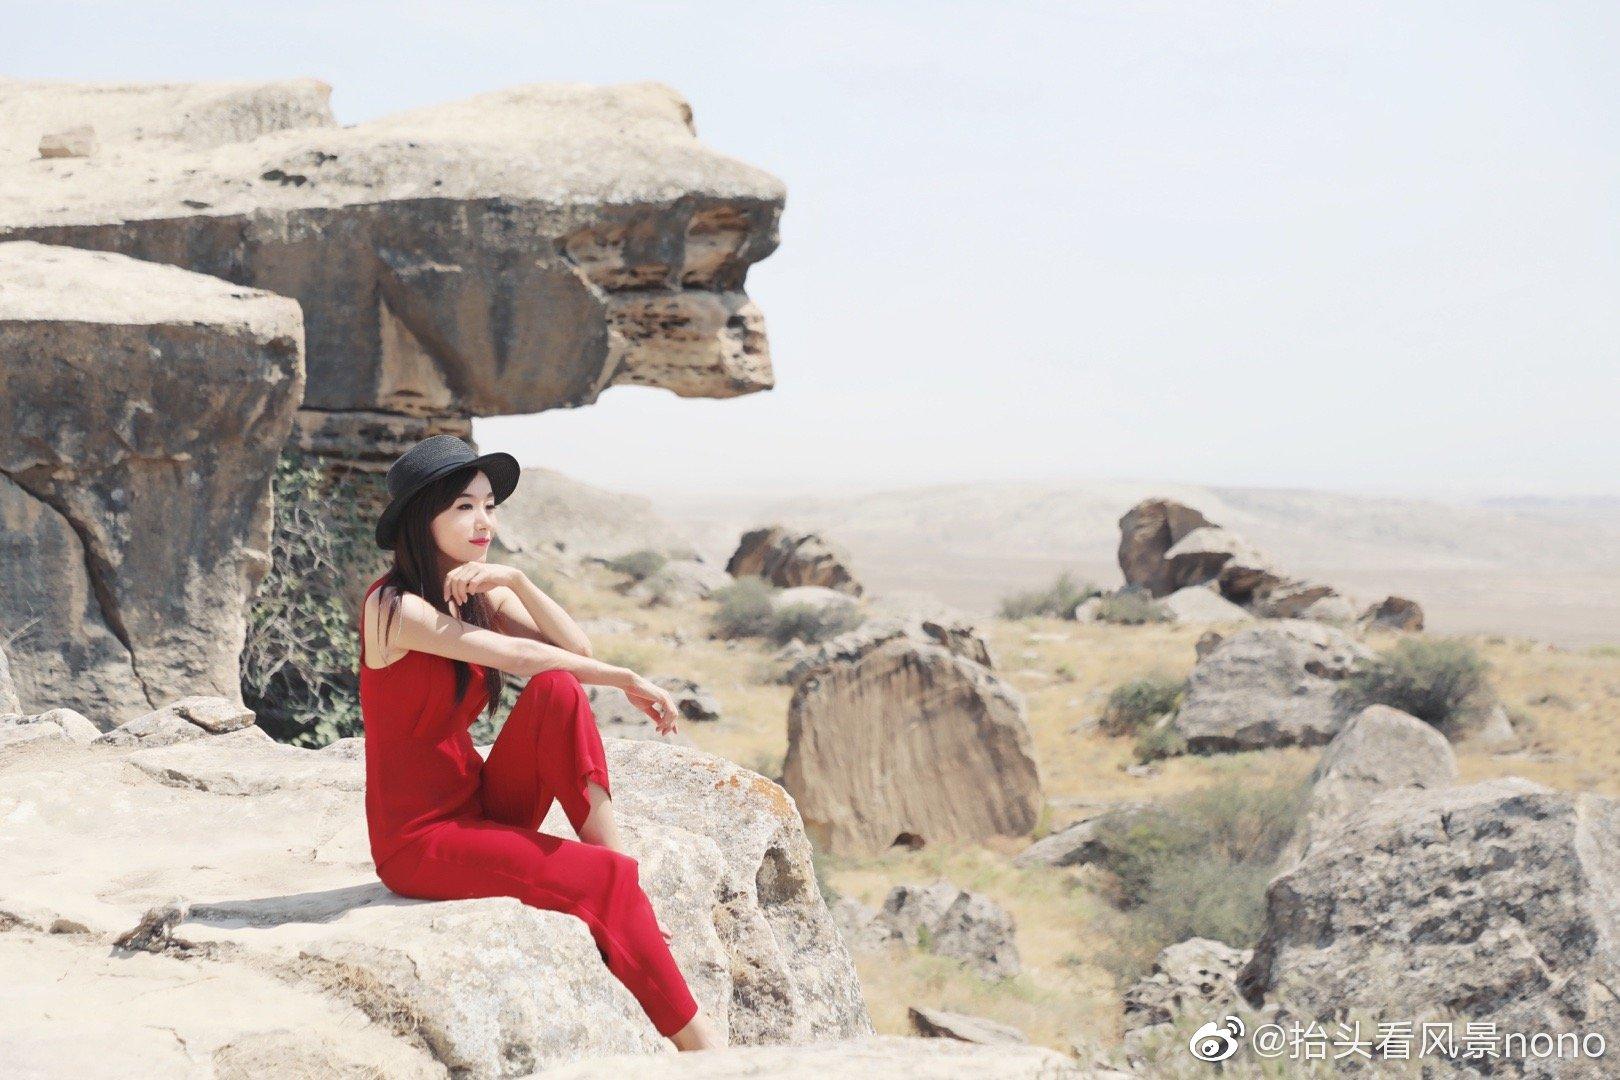 阿塞拜疆,戈布斯坦,有古老的岩画和村落遗址